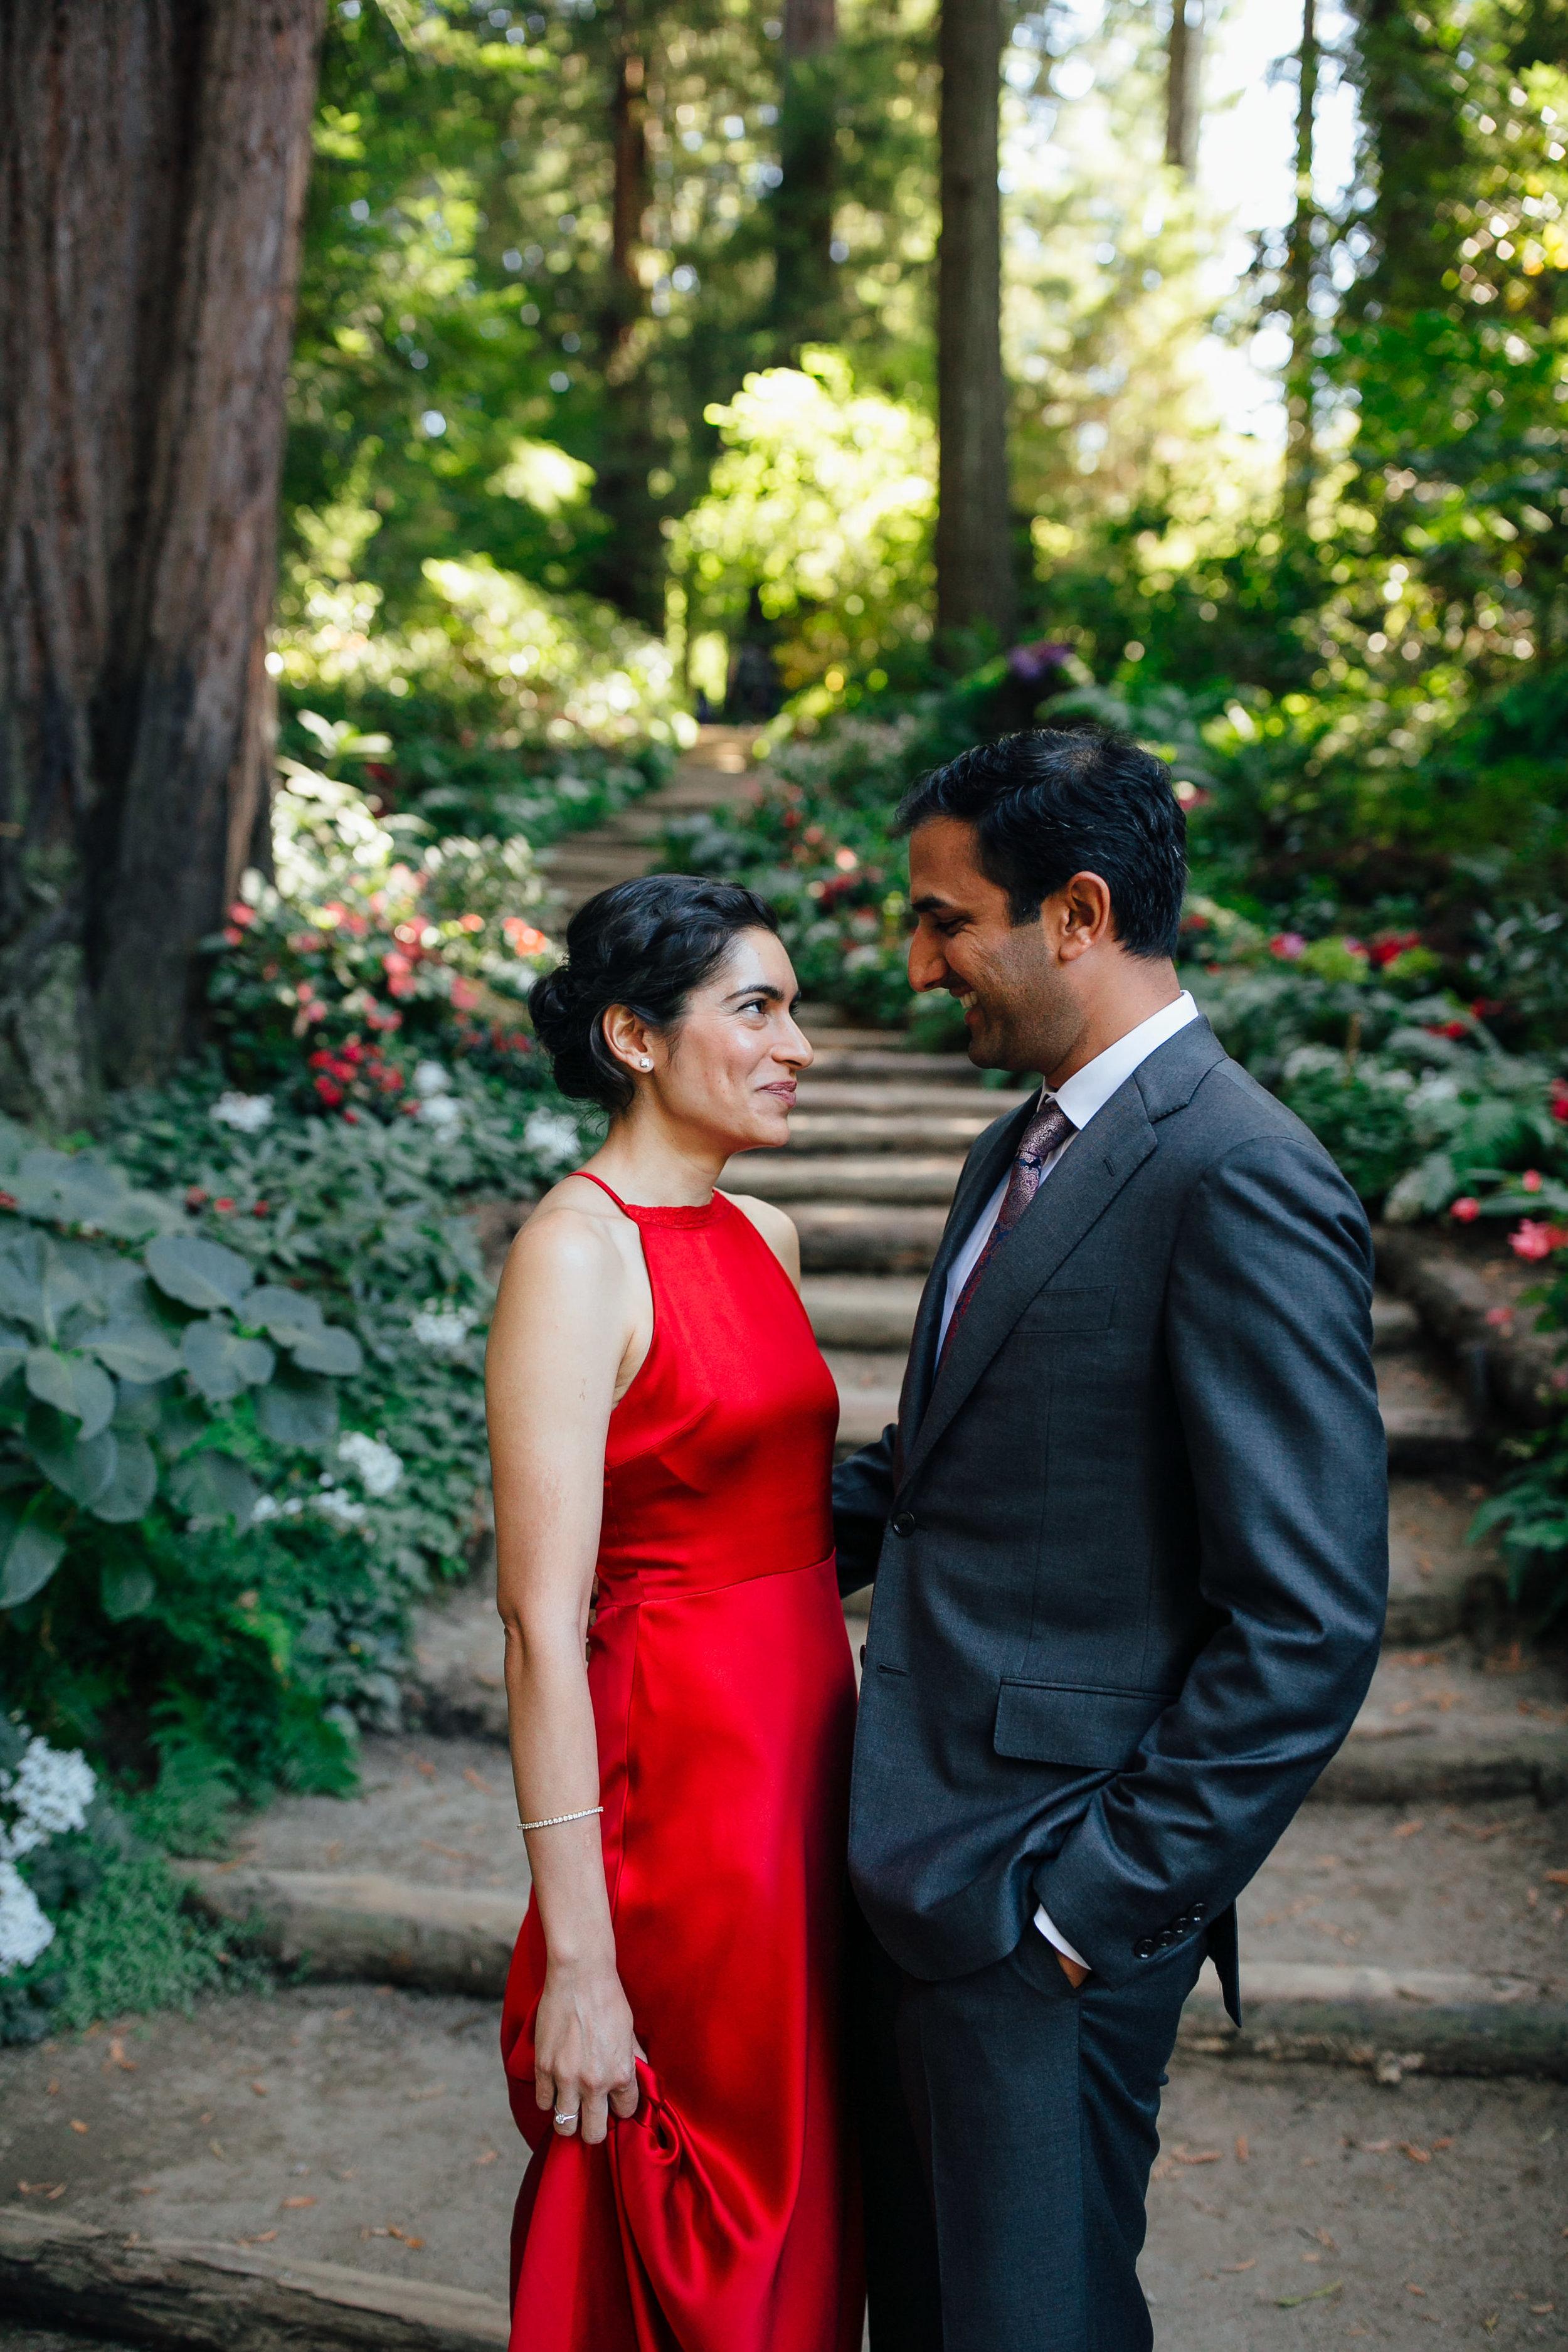 Wedding_M&A_SneakPeek_46.jpg